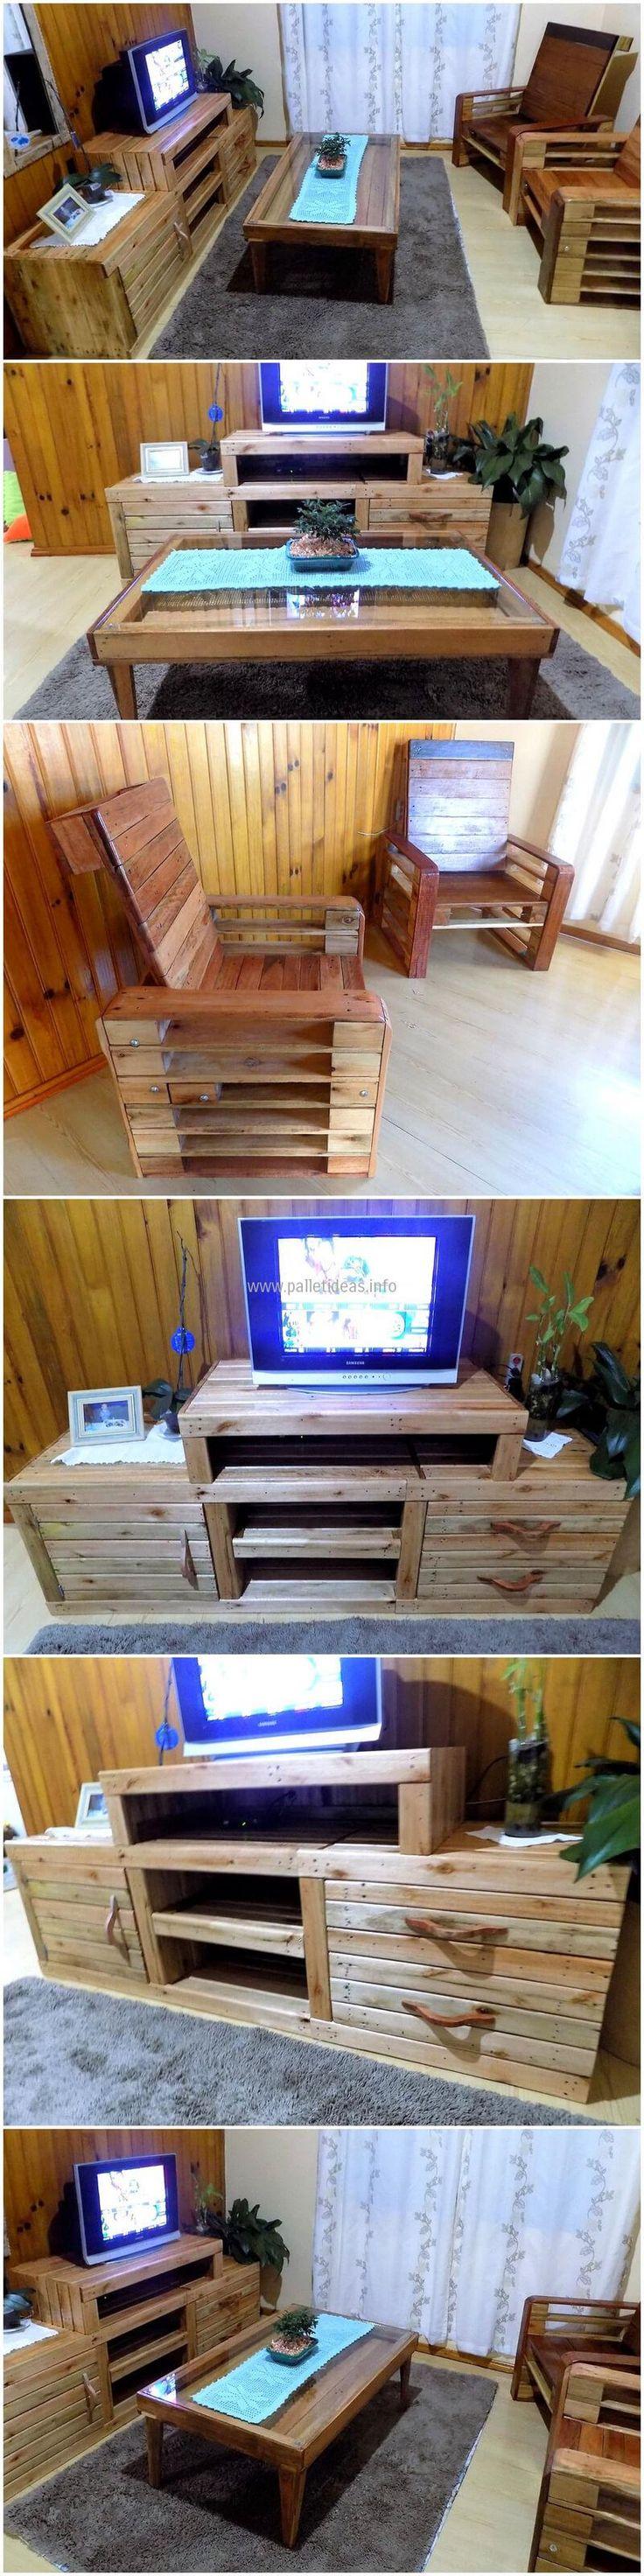 7509 best pallet furniture images on pinterest wood for Reuse furniture ideas